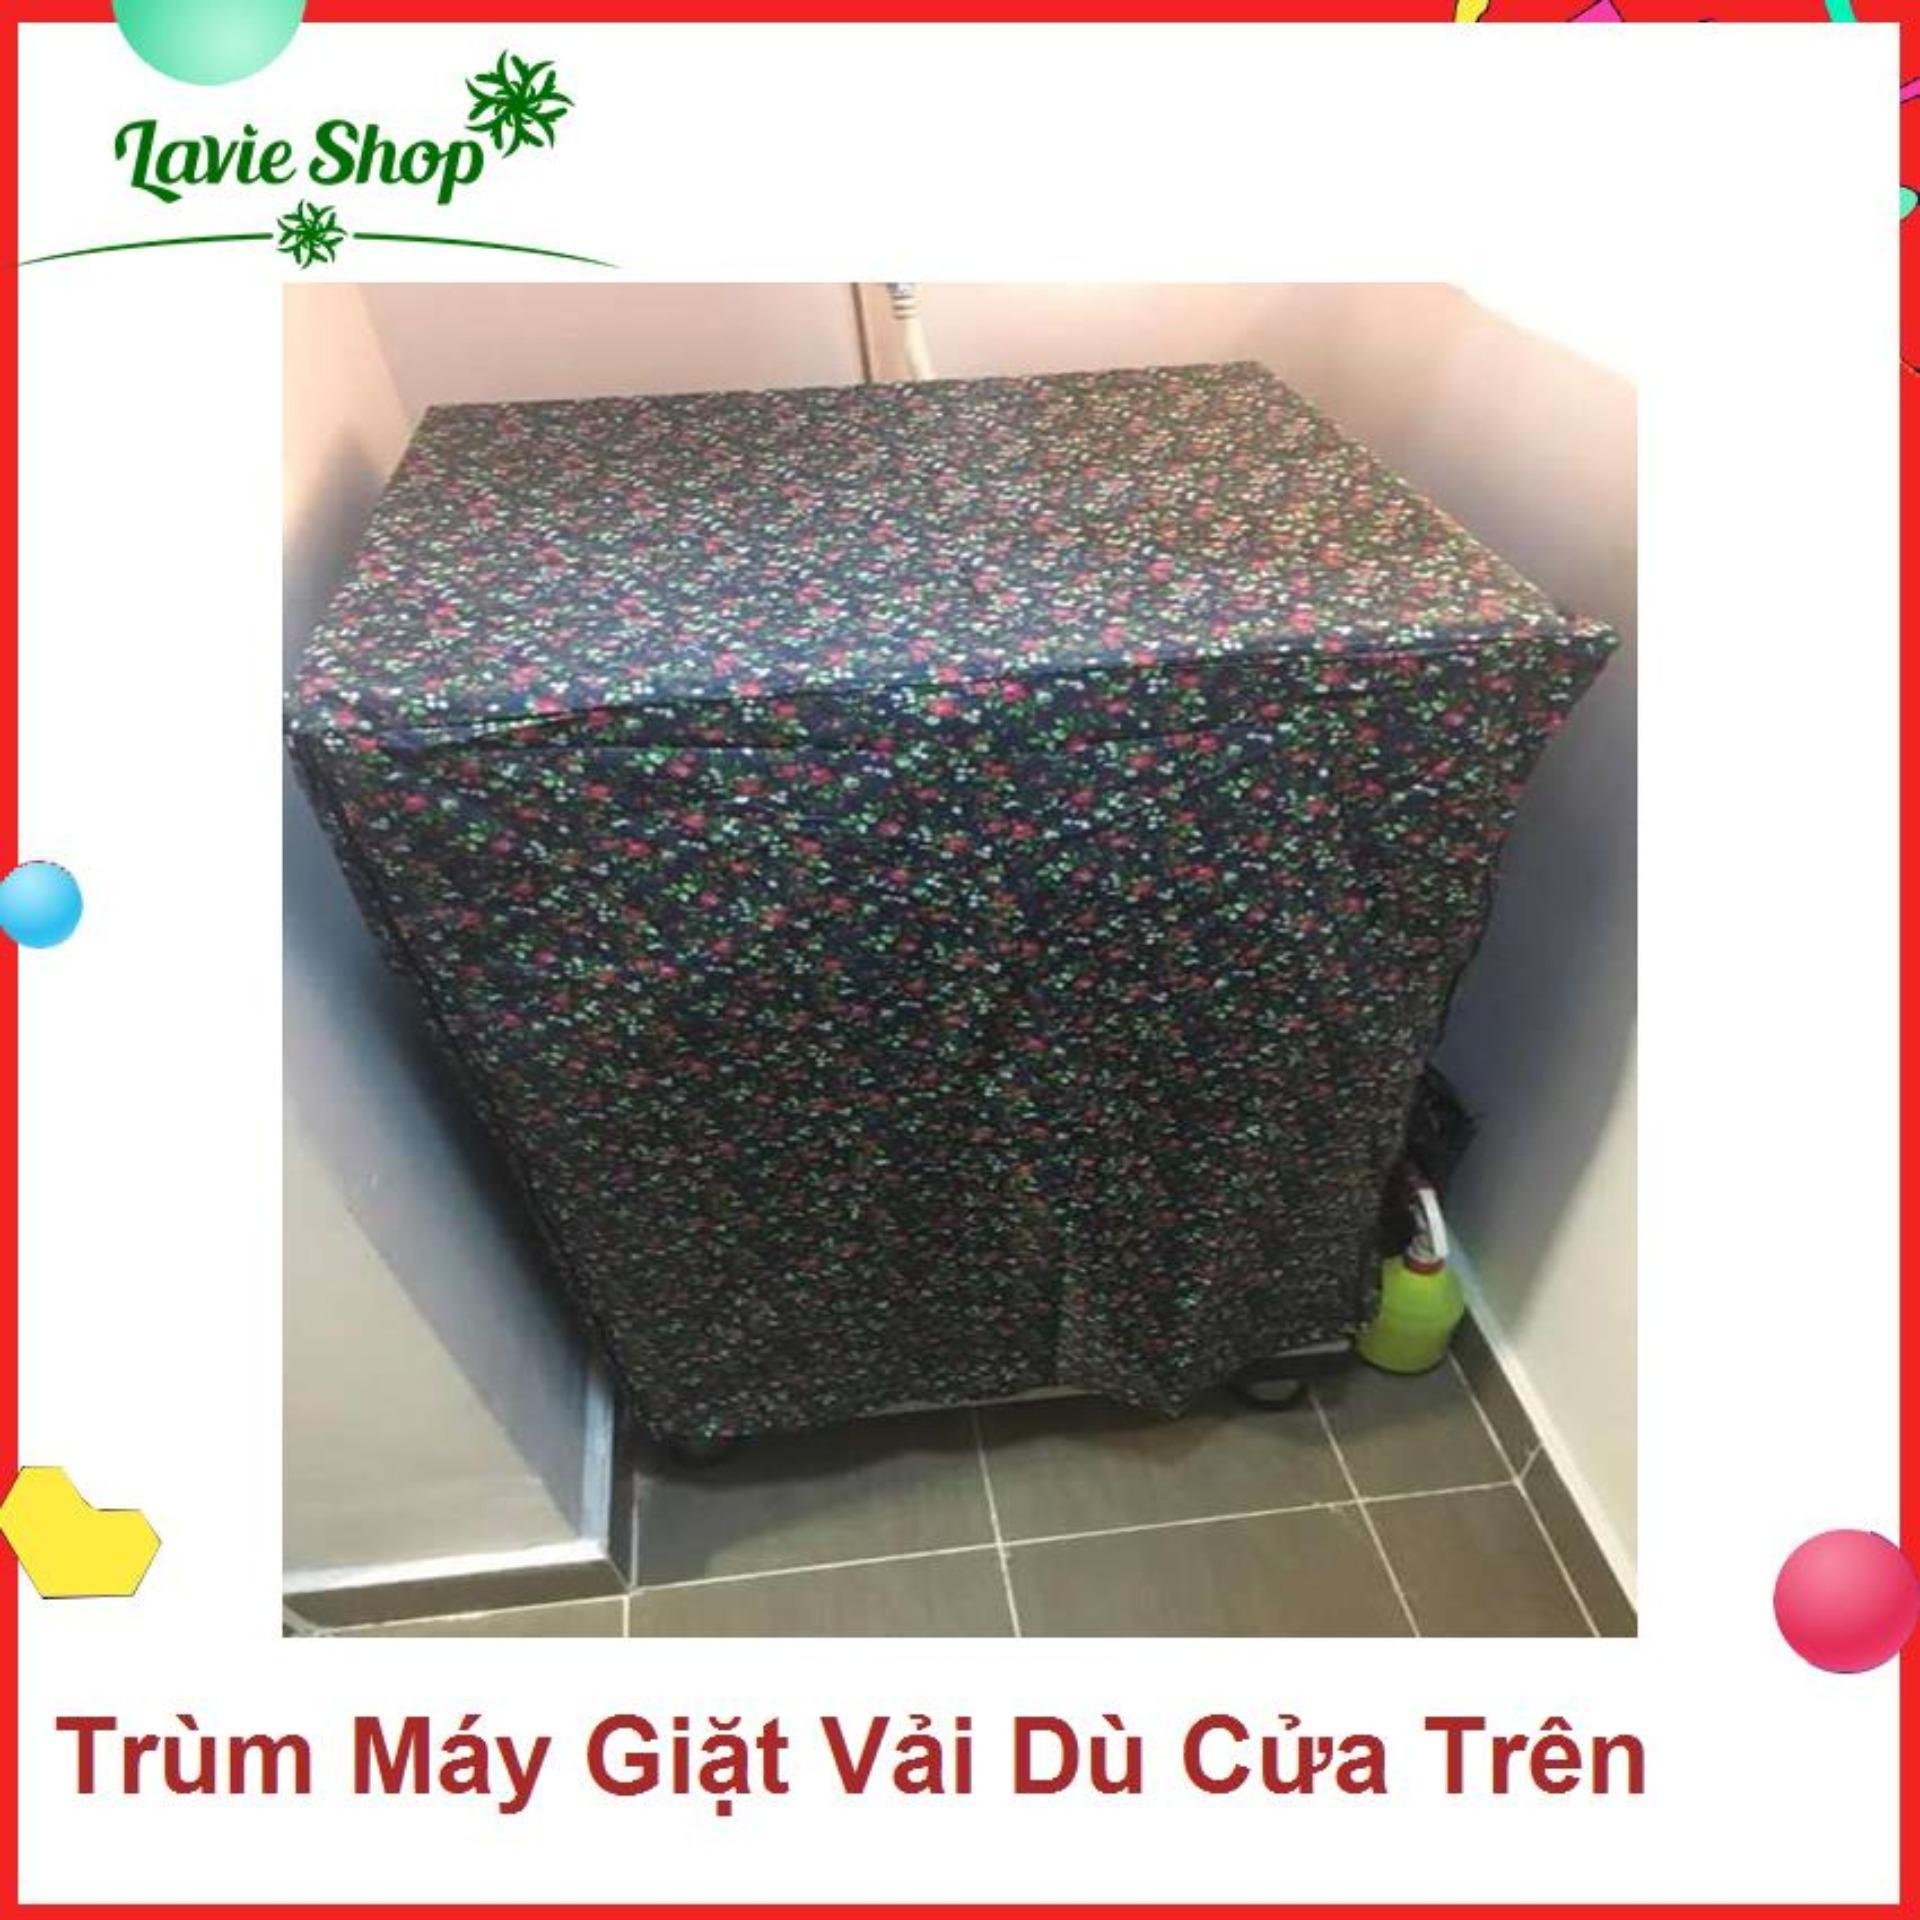 Áo trùm máy giặt - vải dù - từ 12-15kg - màu ngẫu nhiên